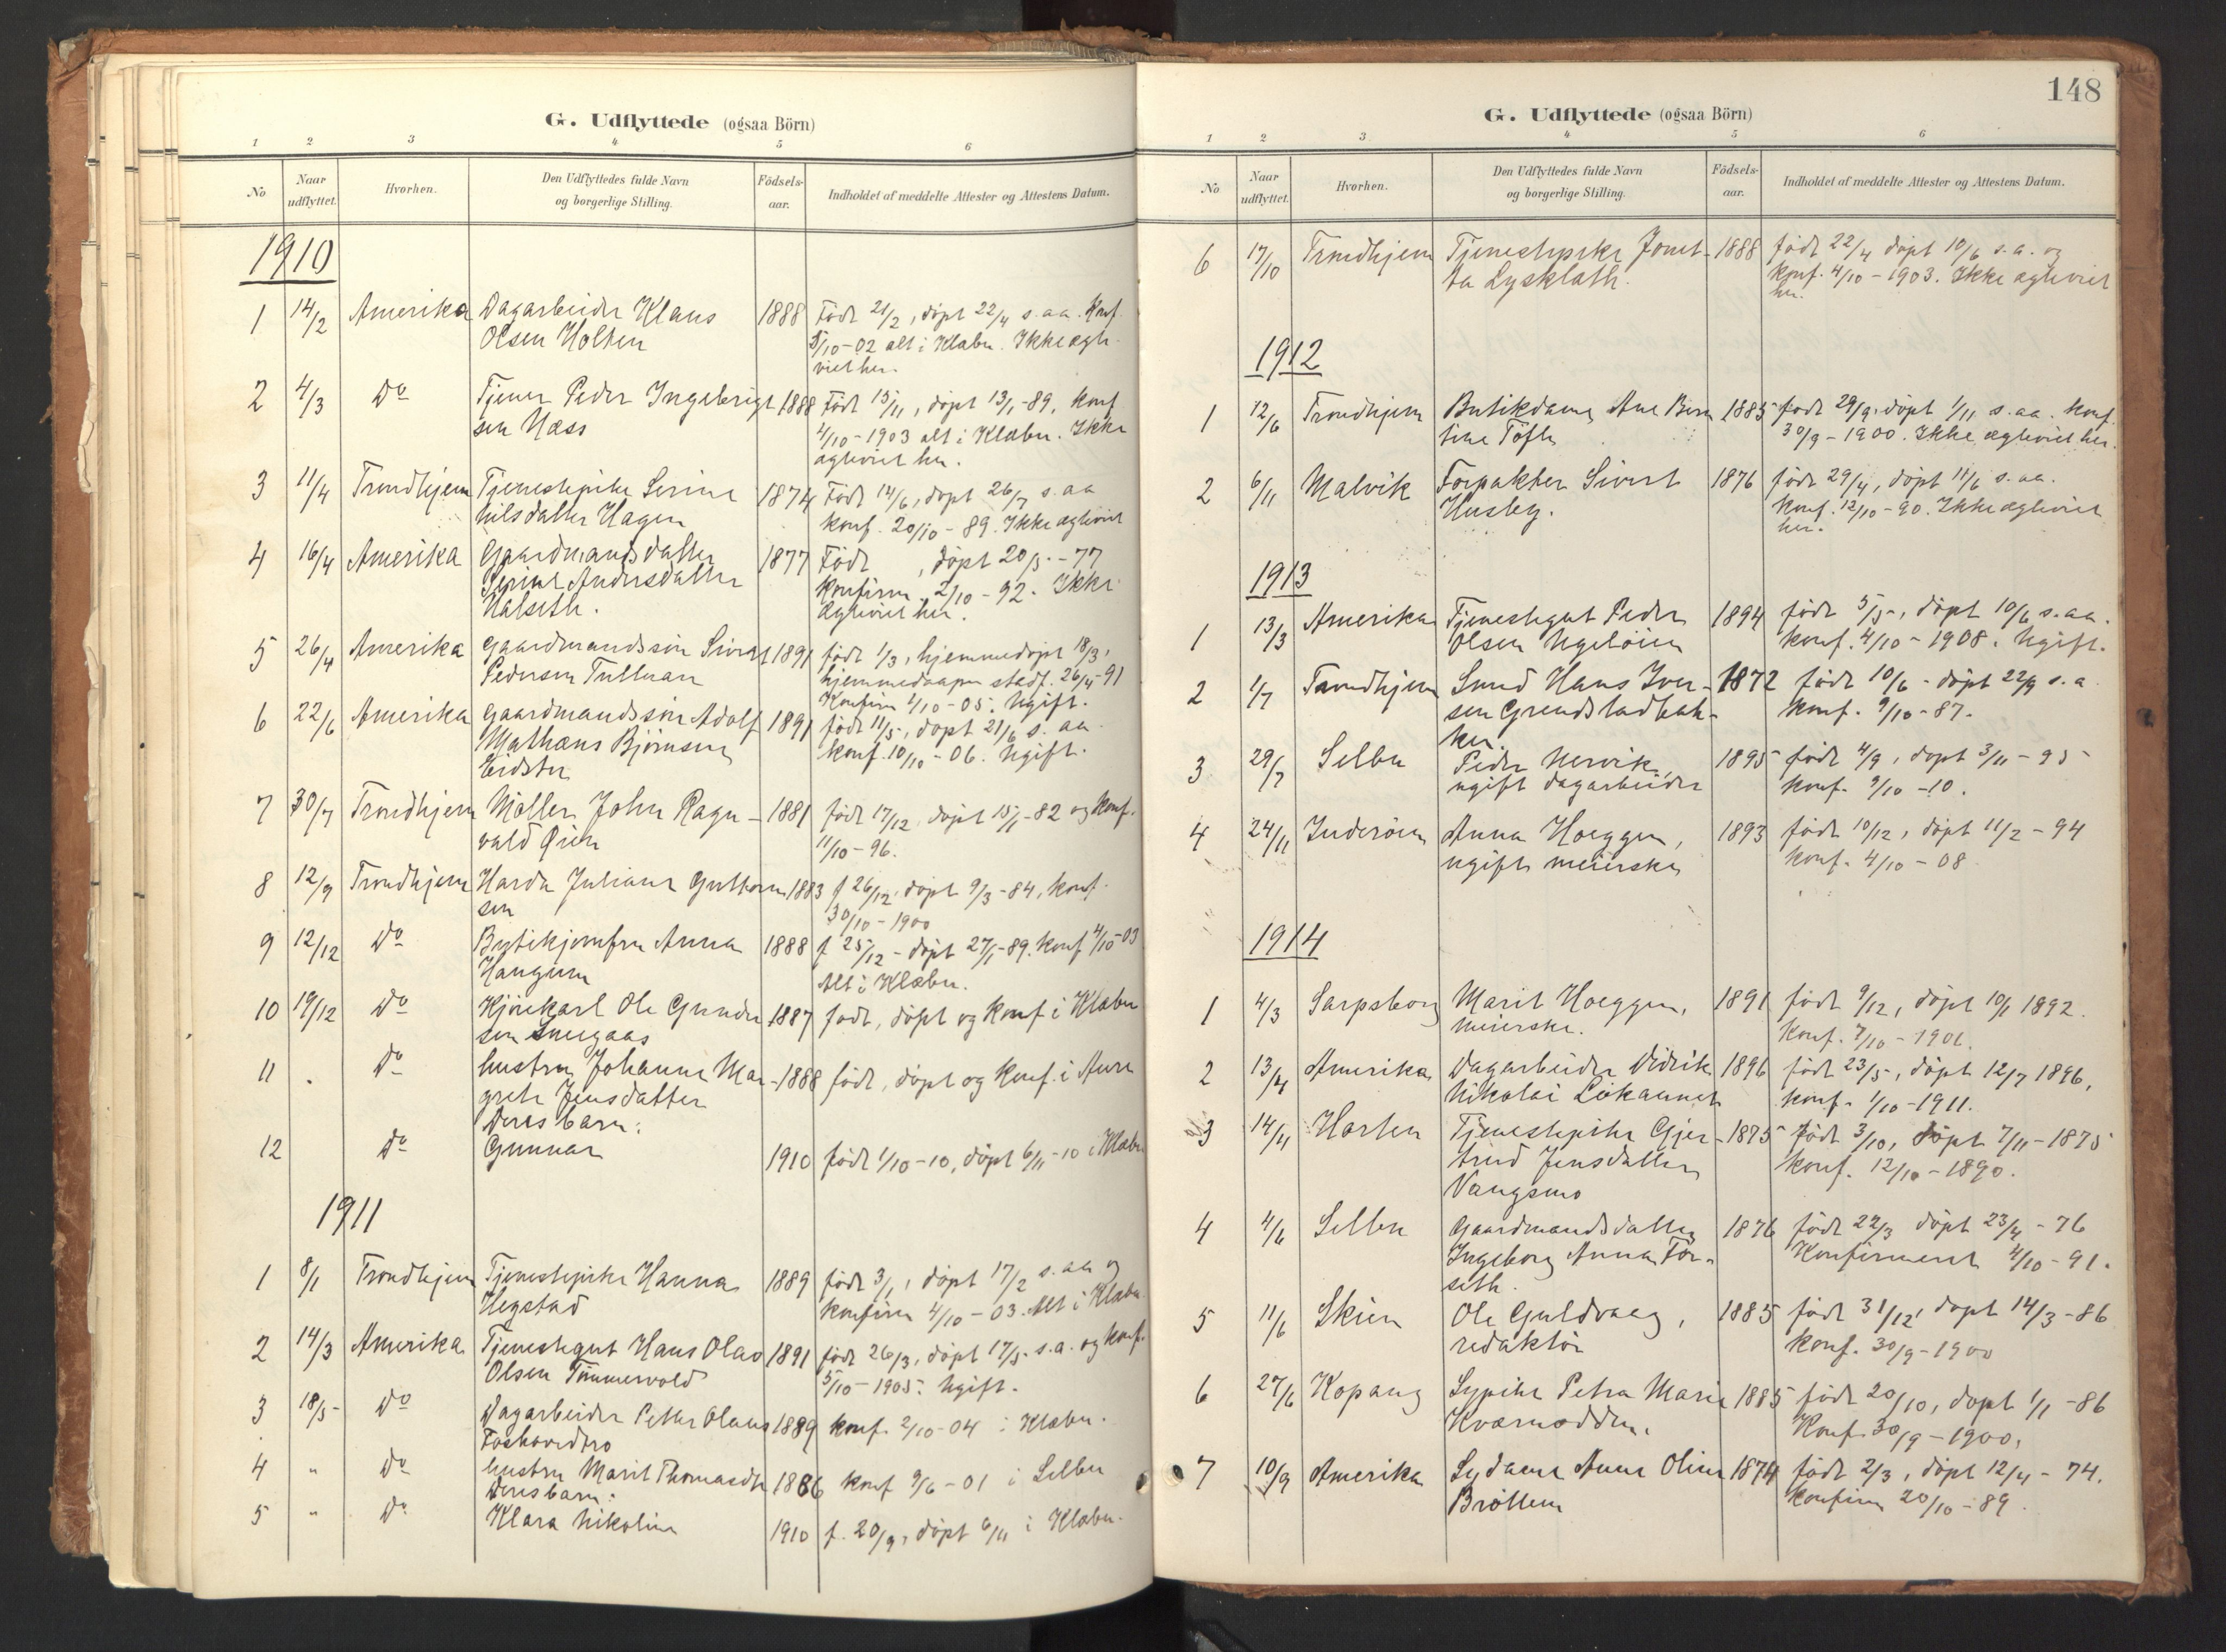 SAT, Ministerialprotokoller, klokkerbøker og fødselsregistre - Sør-Trøndelag, 618/L0448: Ministerialbok nr. 618A11, 1898-1916, s. 148